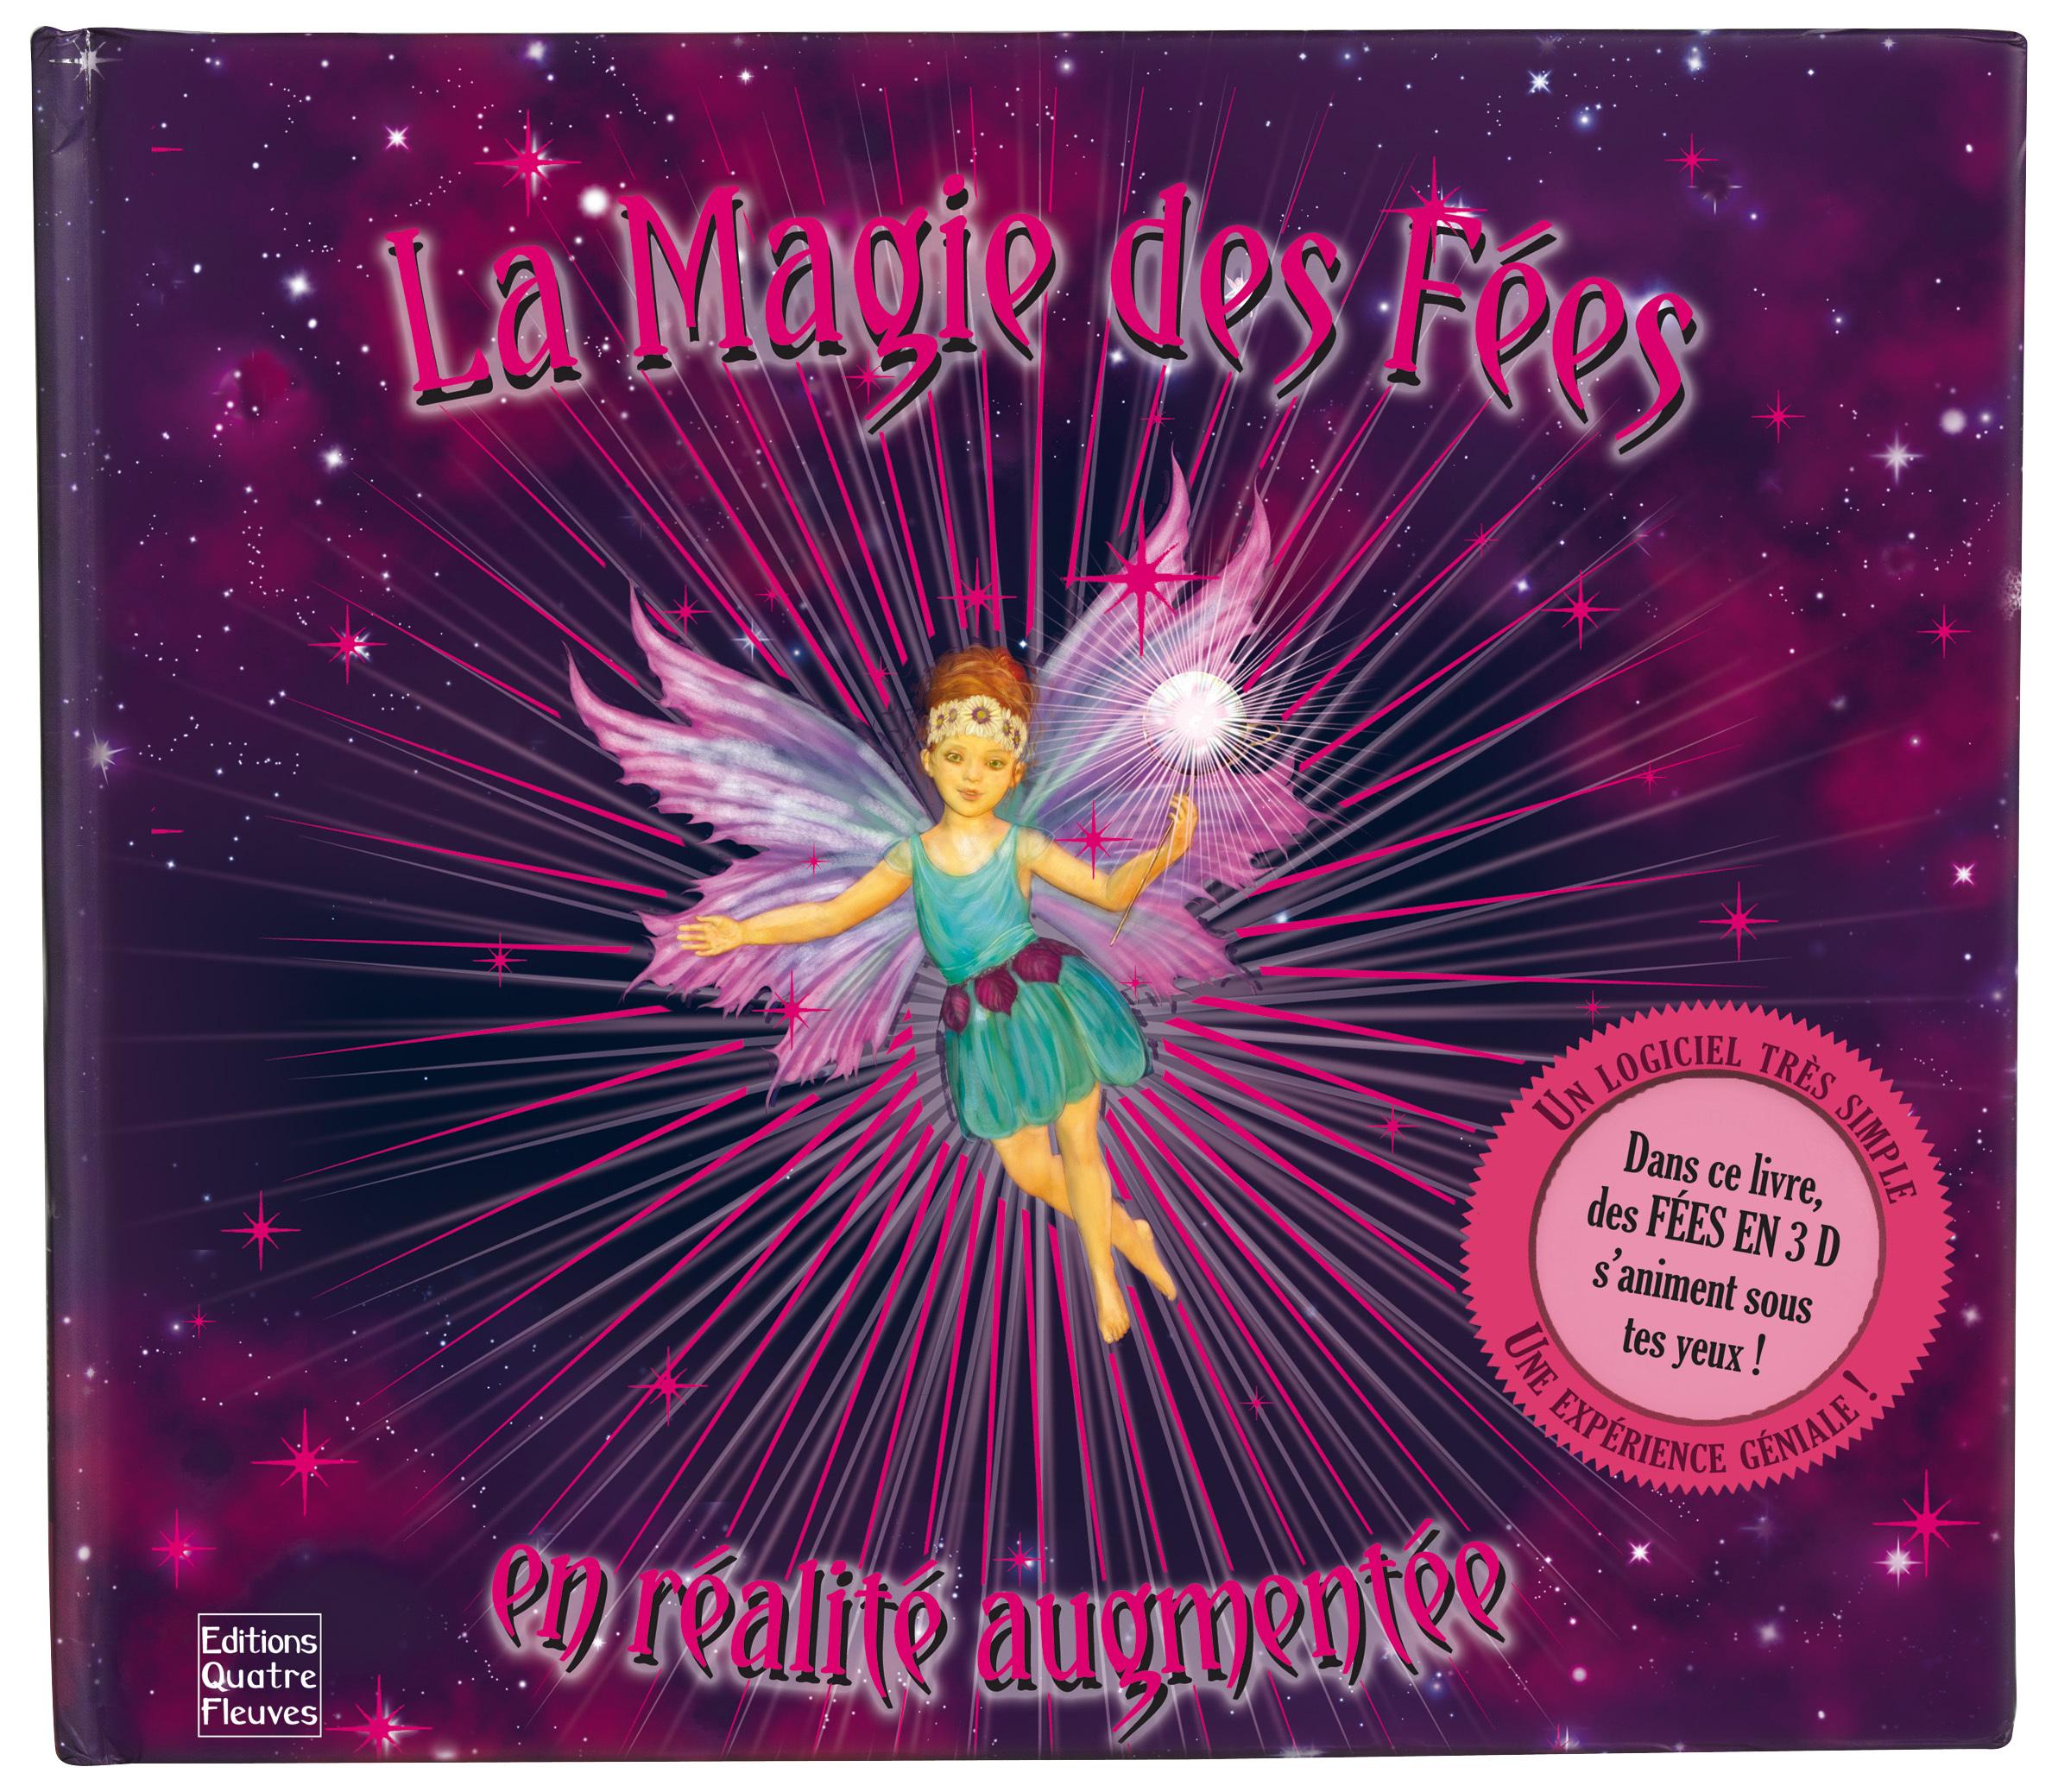 LA MAGIE DES FEES AVEC CD